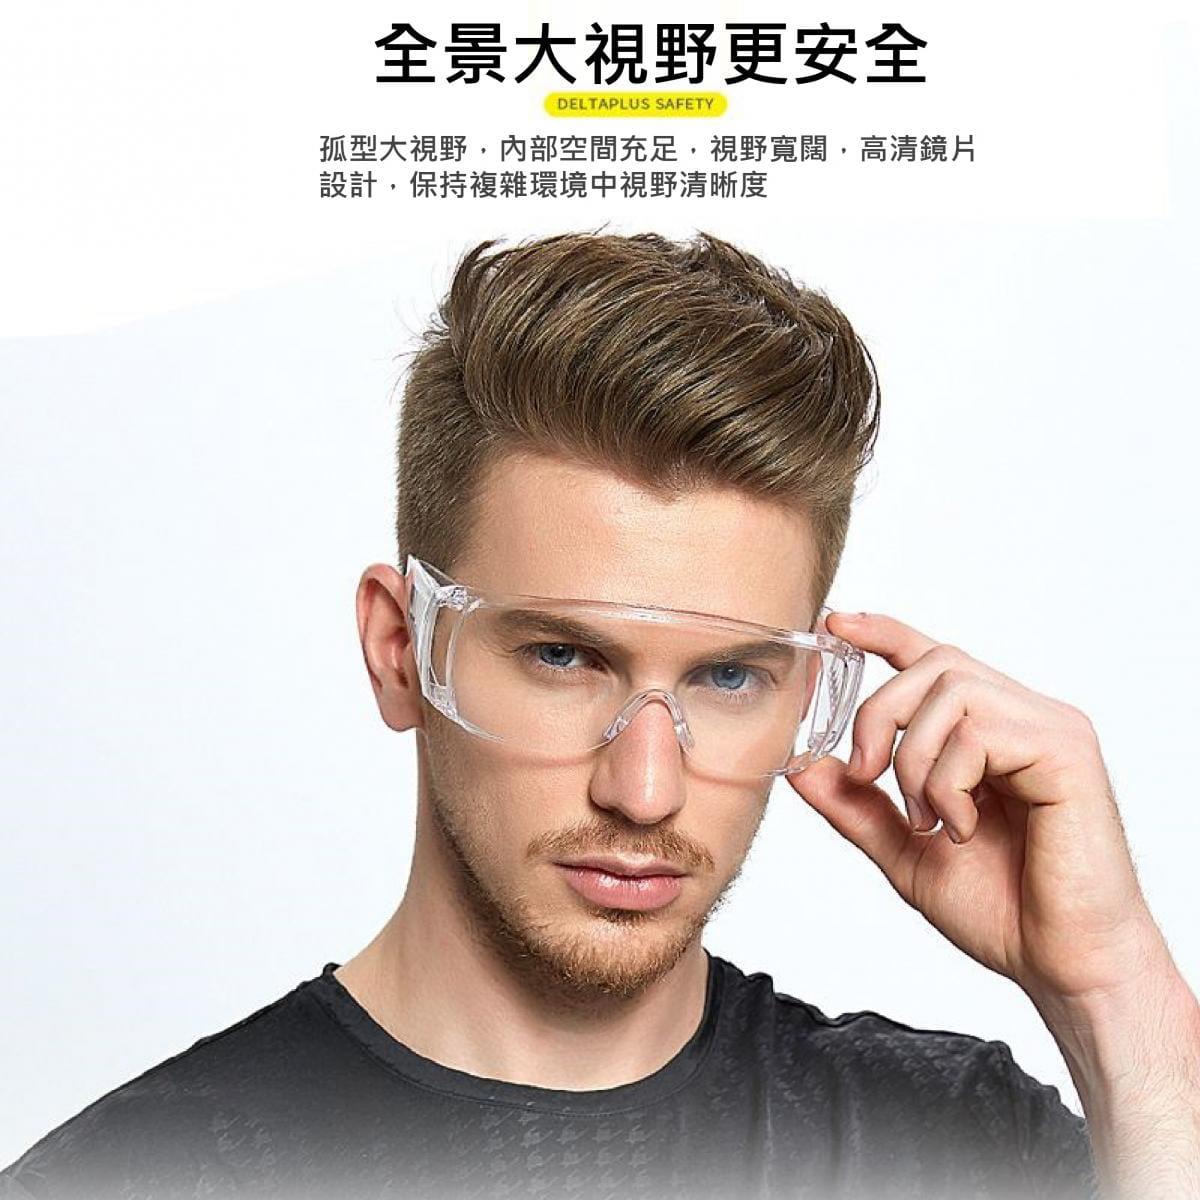 【英才星】台灣製防霧透明運動護目眼鏡 加贈眼鏡袋+眼鏡布 8